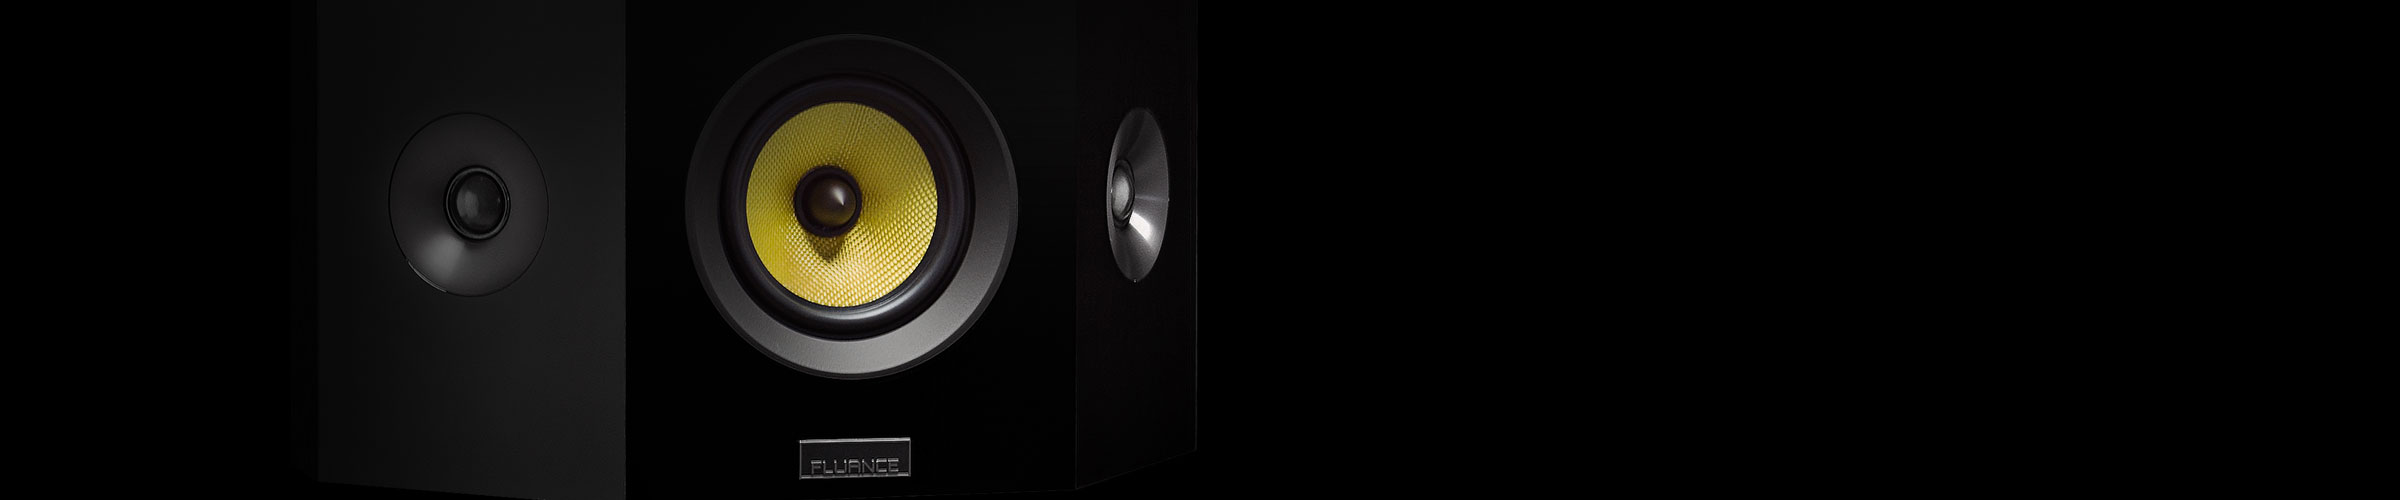 Signature Series Bipolar speakers- surround sound